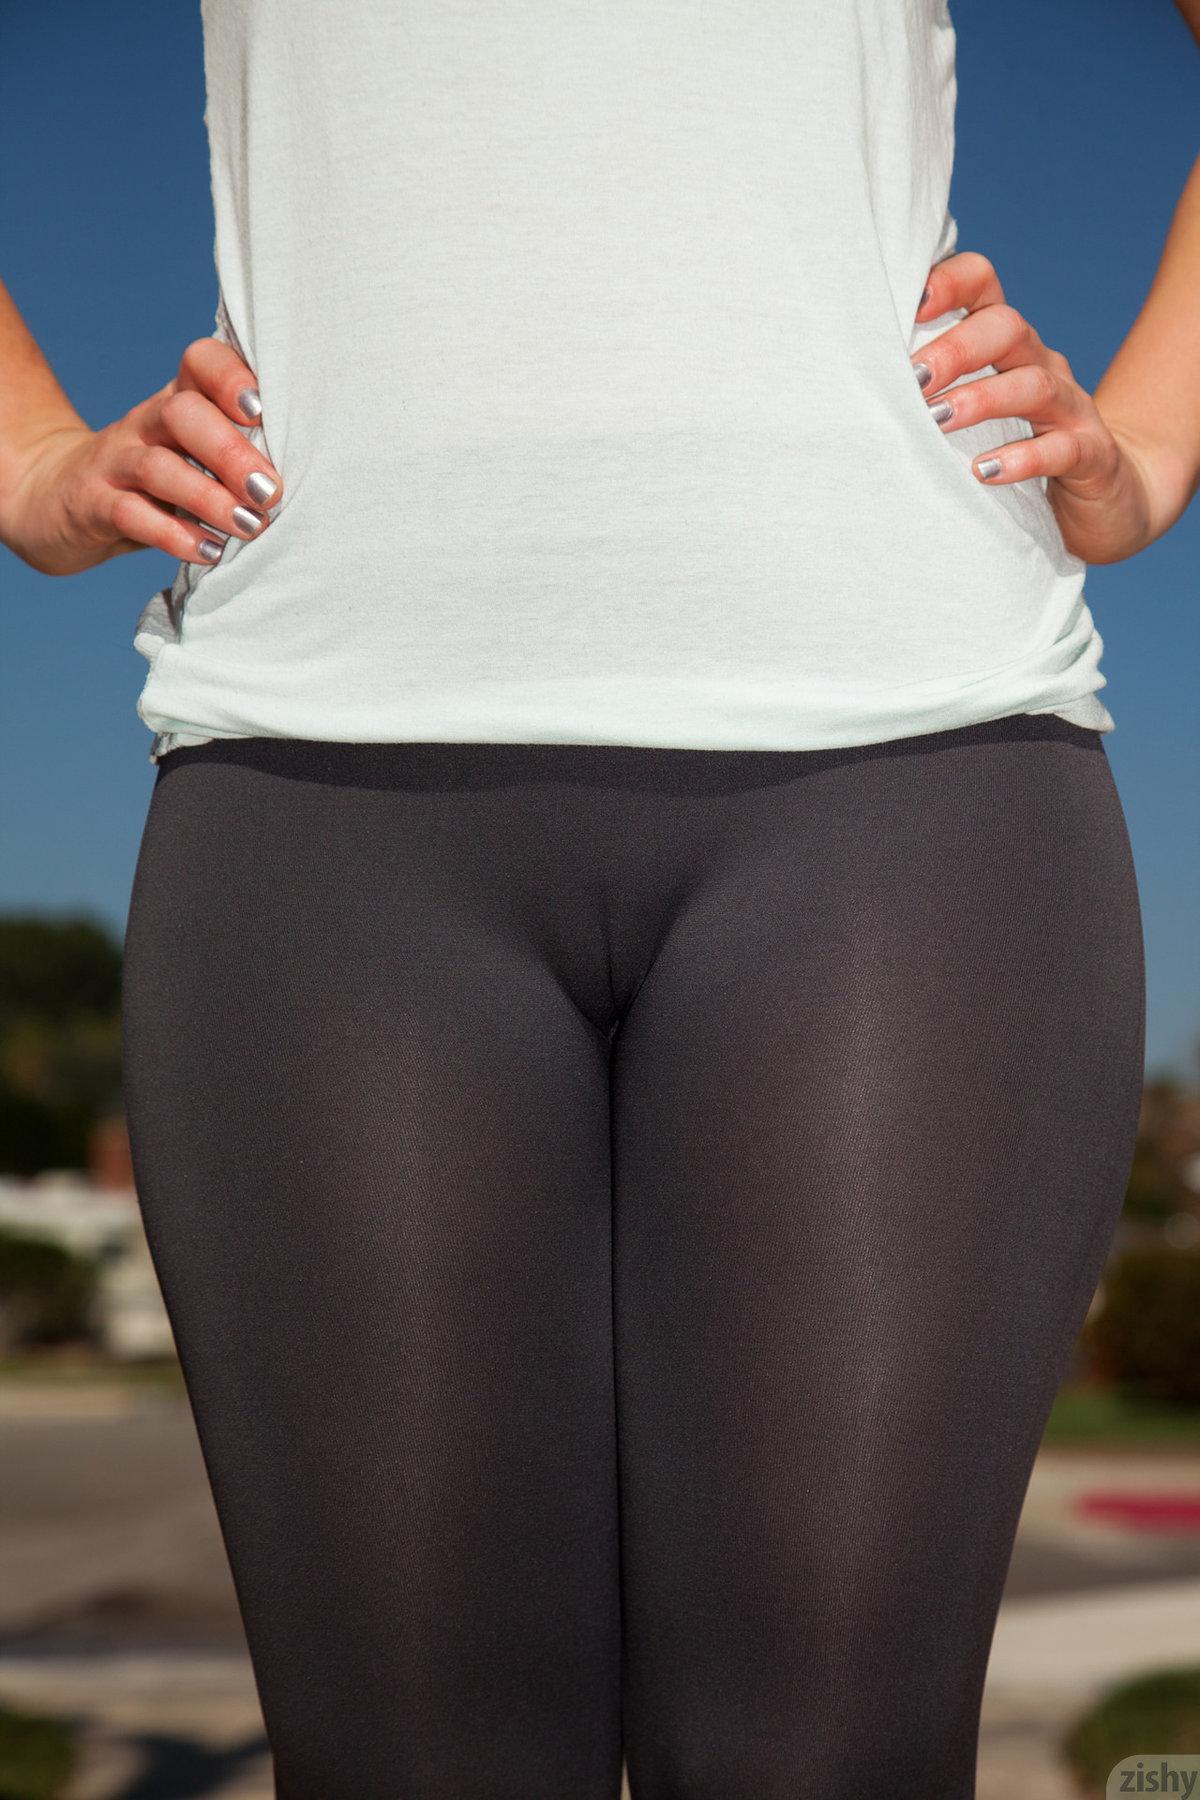 перец хорошо видна пизда в обтягивающих брюках фото цвет возбуждает мужчин